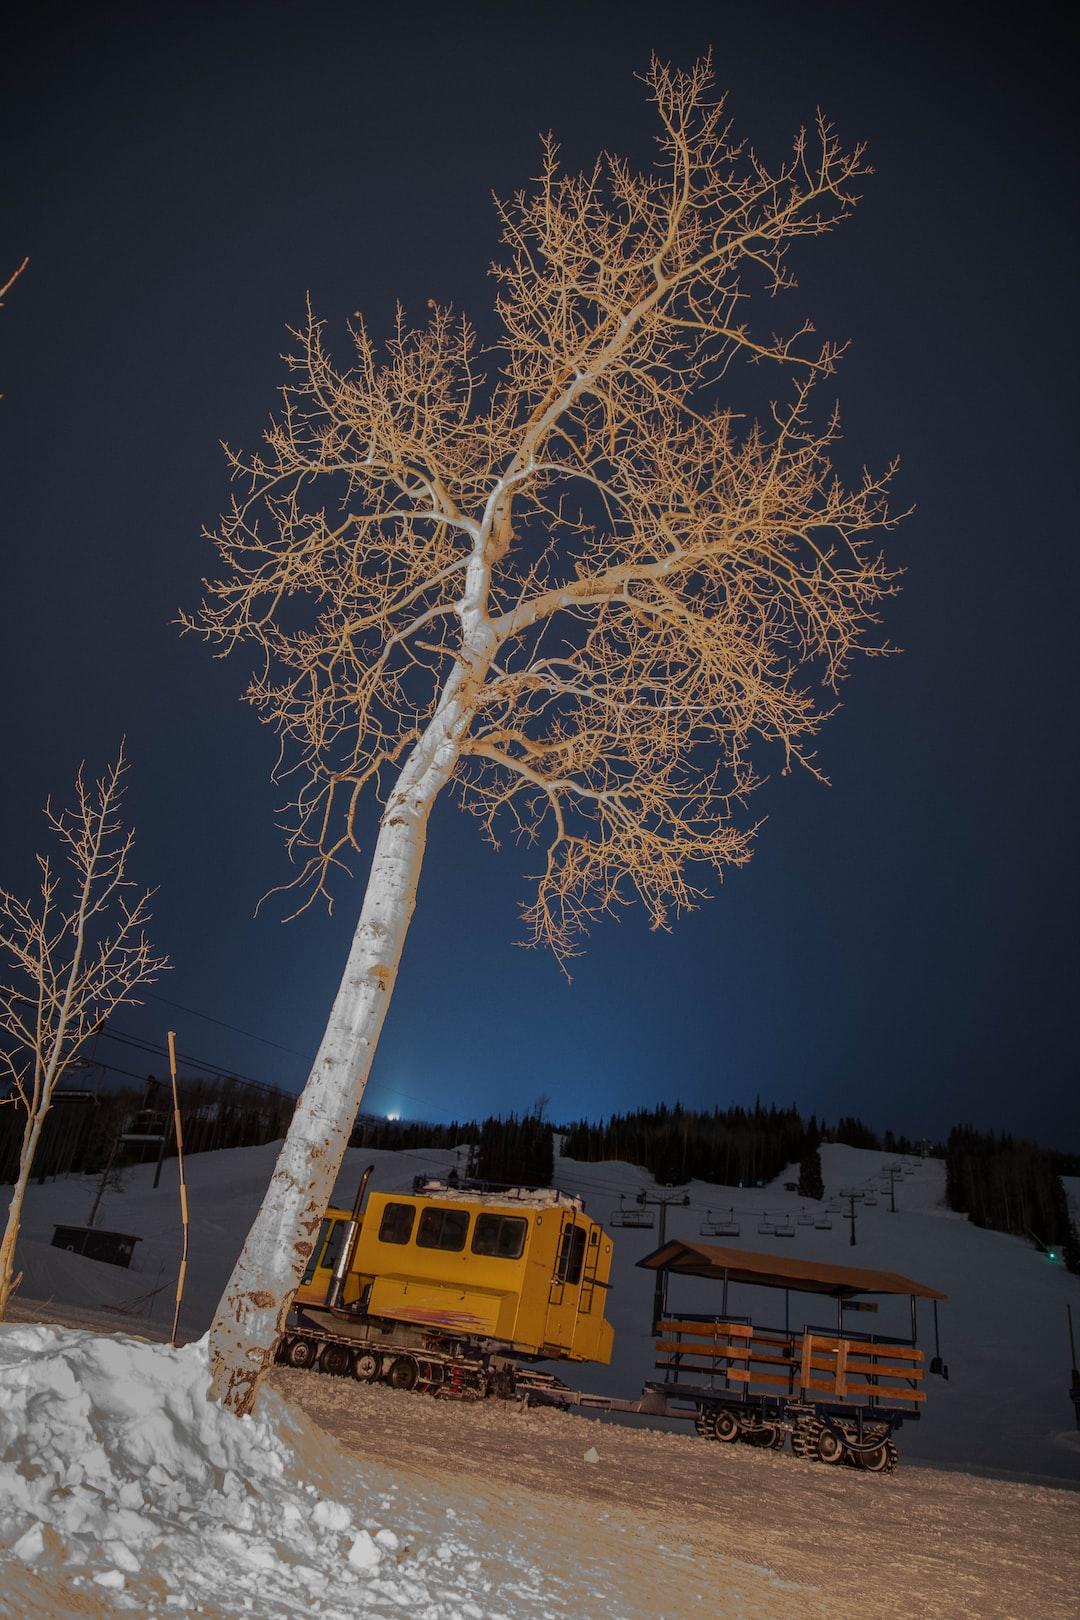 Snowcat under tree at night